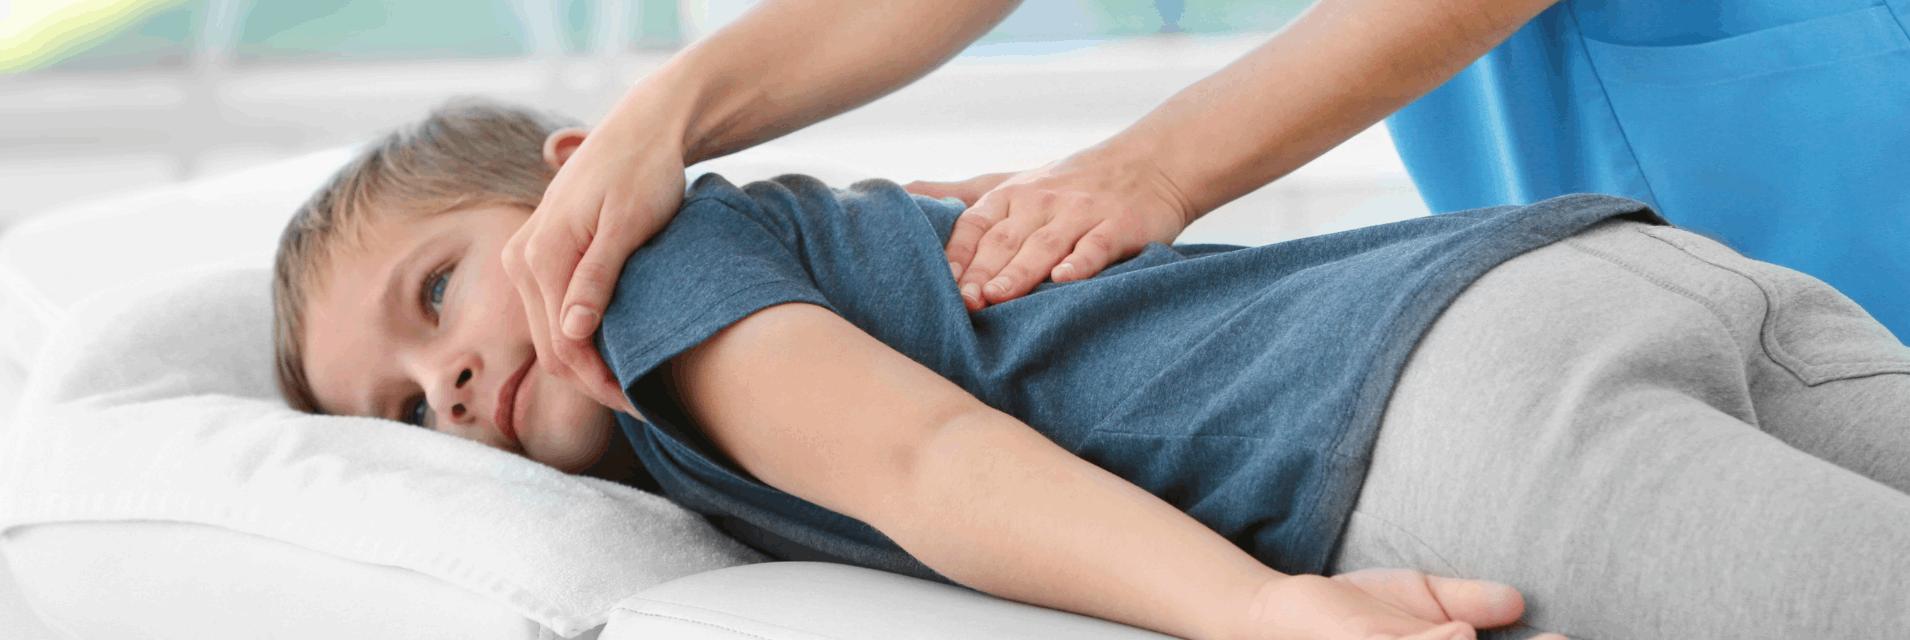 rehabilitacja neurorozwojowa dla dzieci i dorosłych